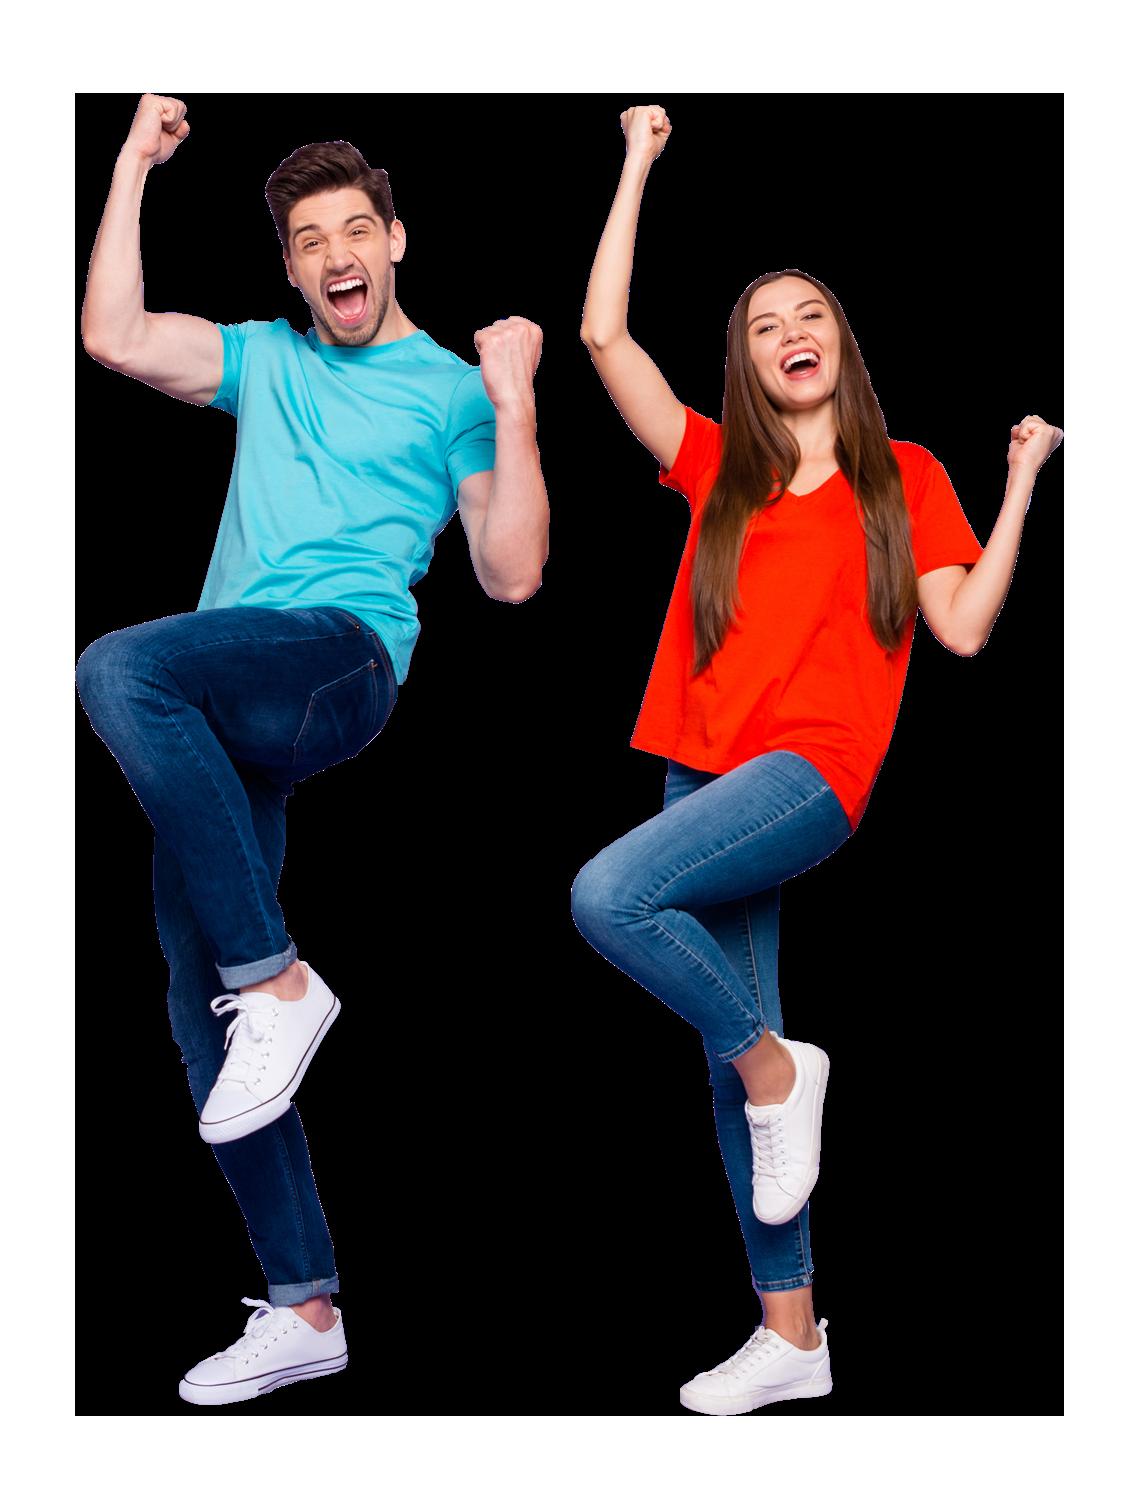 Chico y chica saltando contentos